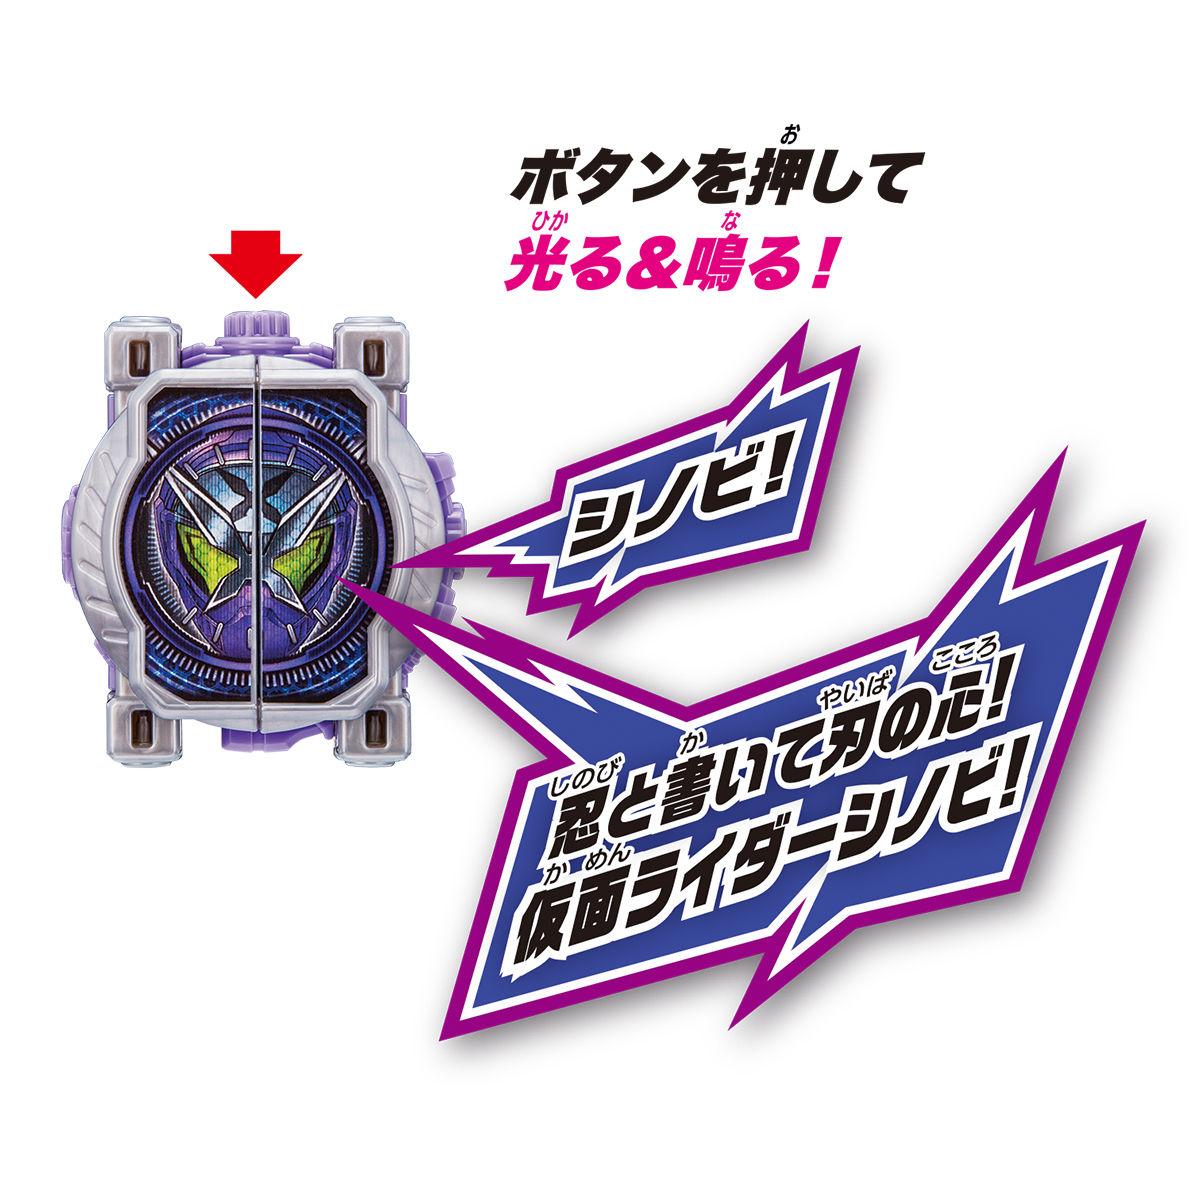 仮面ライダージオウ『DXシノビミライドウォッチ』変身なりきり-003